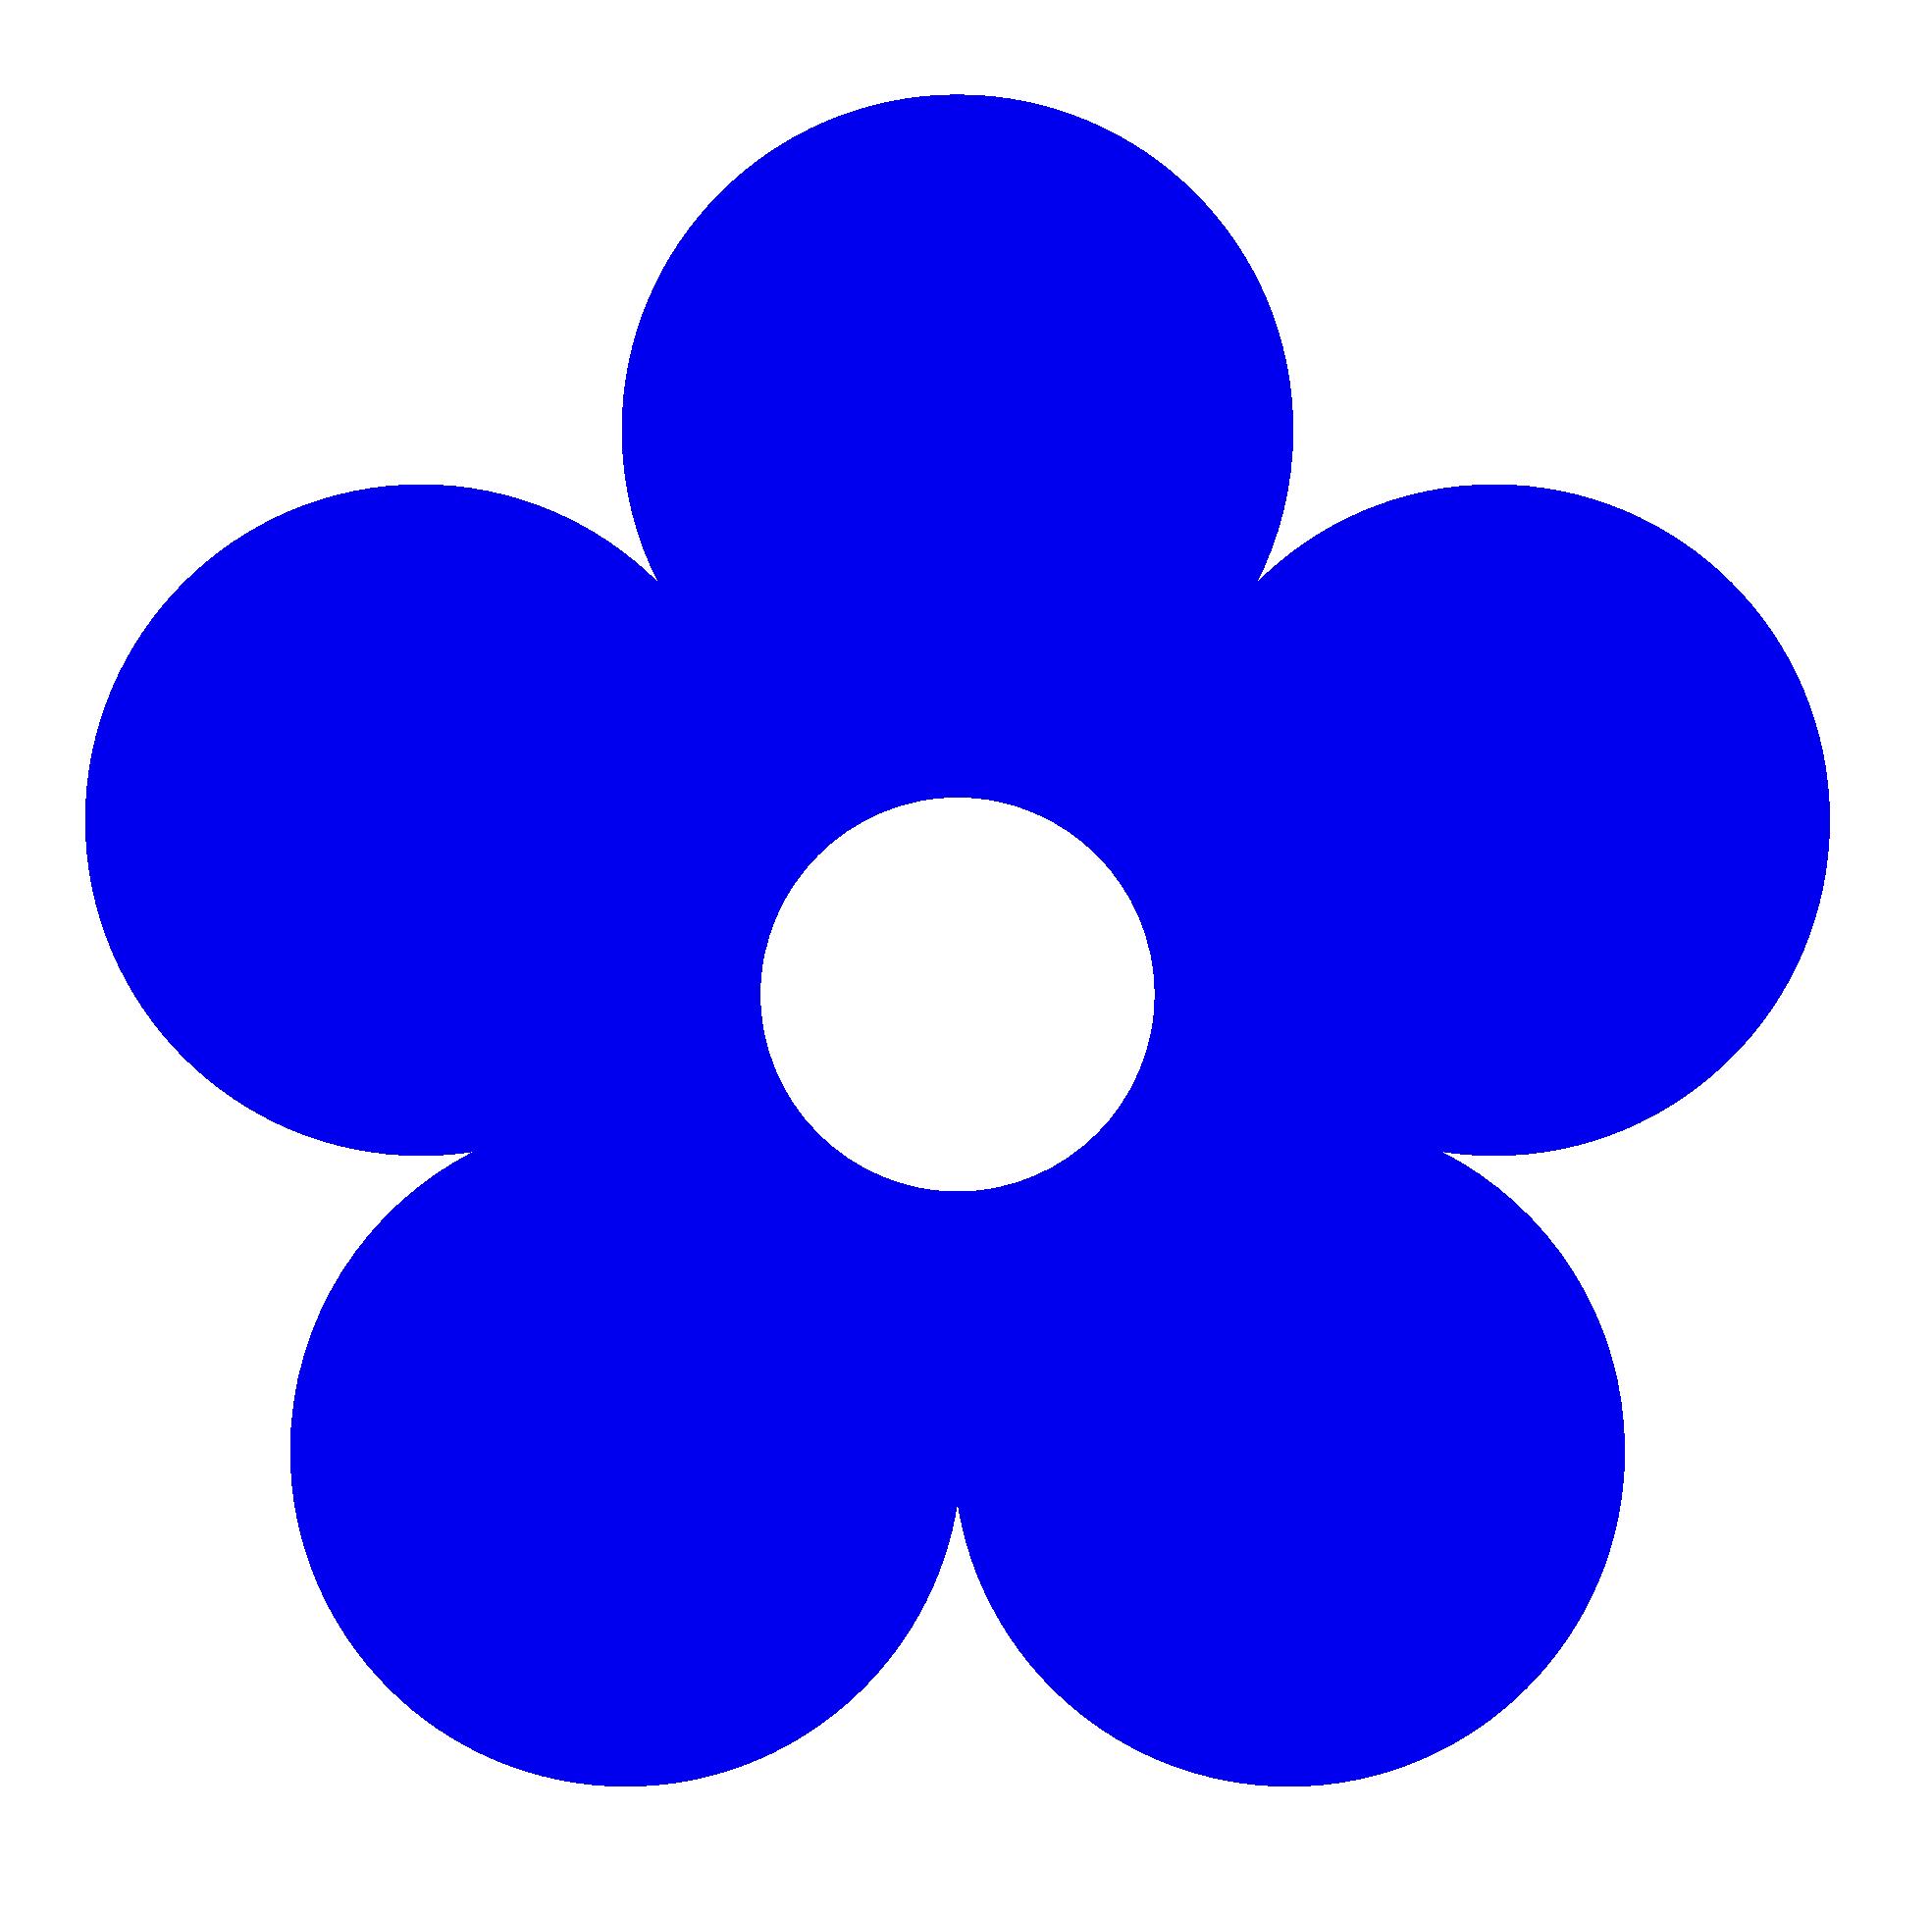 Color panda free images. Blue clipart